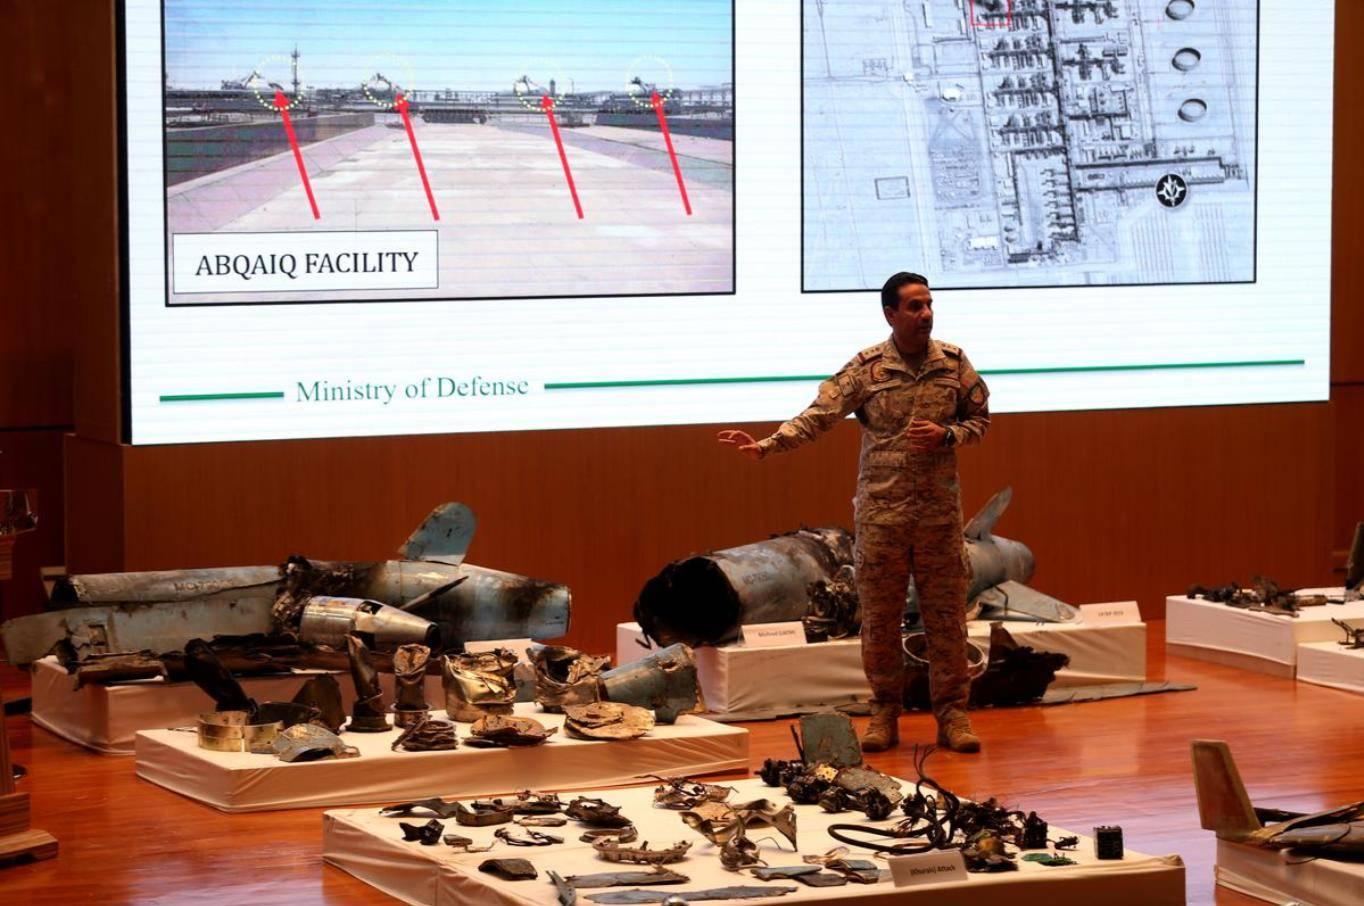 Пресс-секретарь министерства обороны Саудовской Аравии полковник Турки аль-Малик демонстрирует фрагменты средств воздушного нападения, которыми, по его словам, были атакованы объекты Saudi Aramco, пресс-конференция в Эр-Рияде